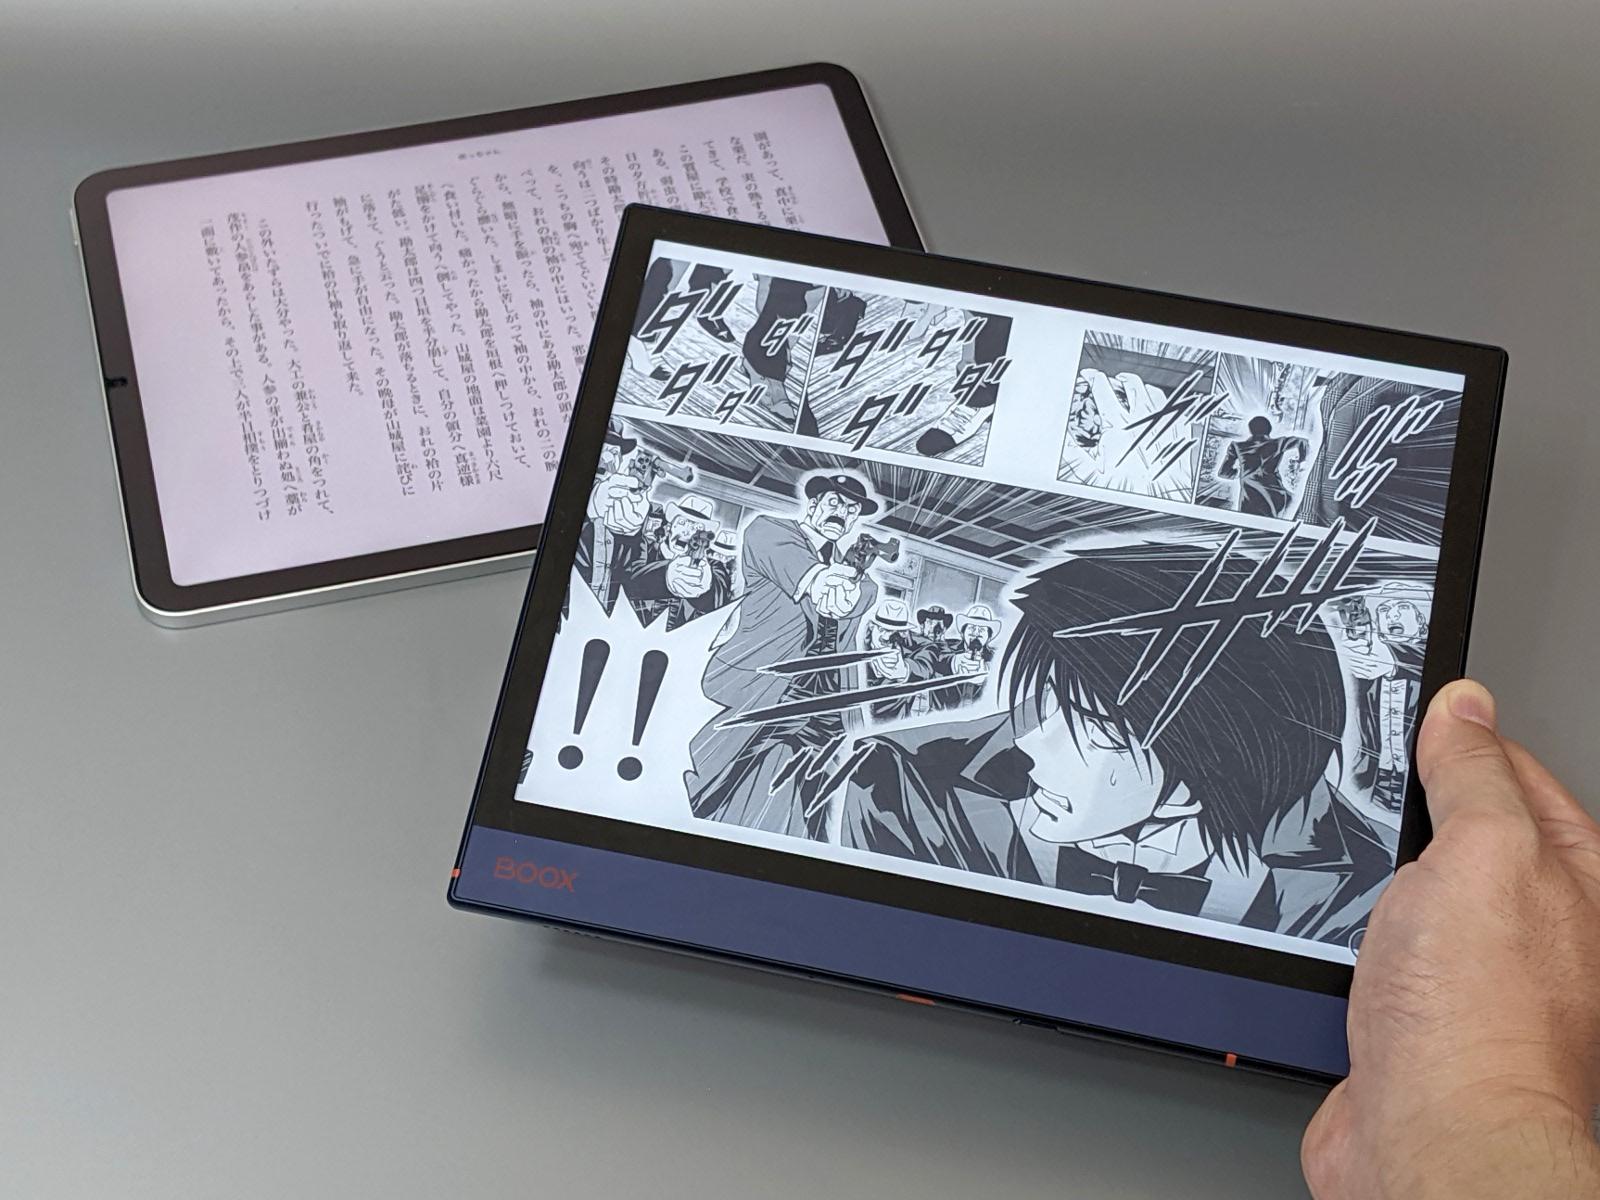 今回は目に優しい読書端末として、Appleの「iPad Air」(奥)、Onyxの「BOOX Note Air」(手前)の2製品を中心に紹介する